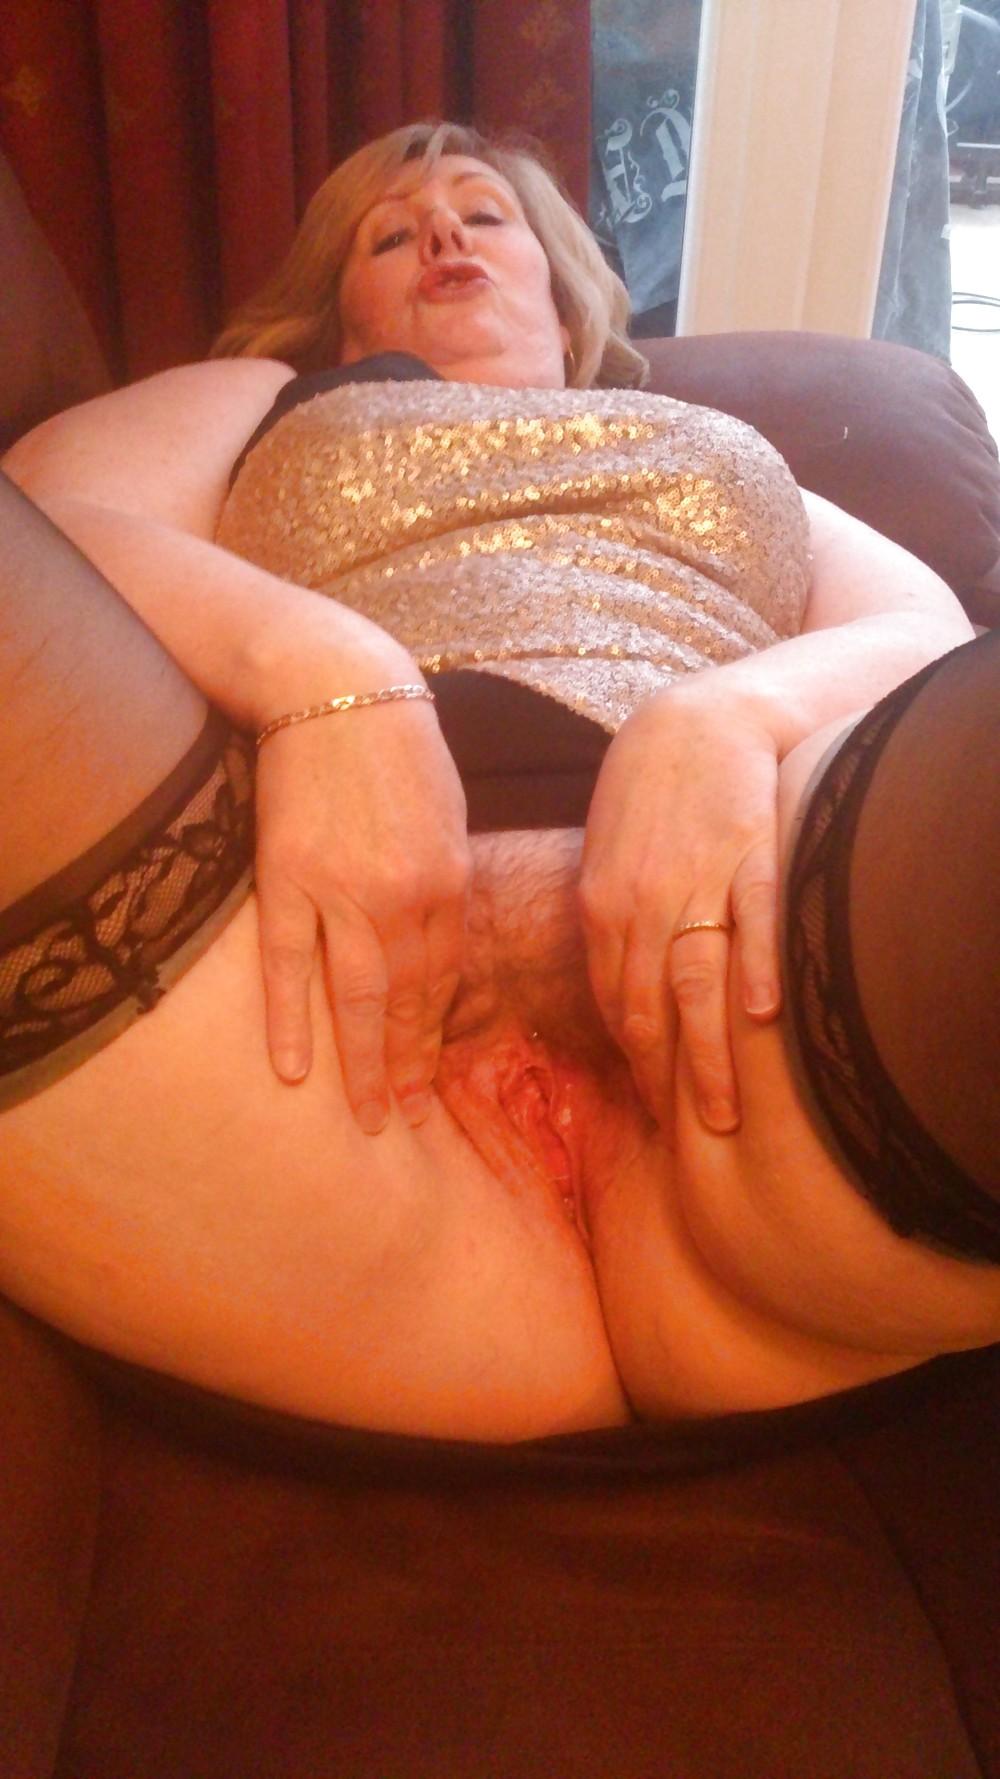 nude-birmingham-alabama-amateur-porn